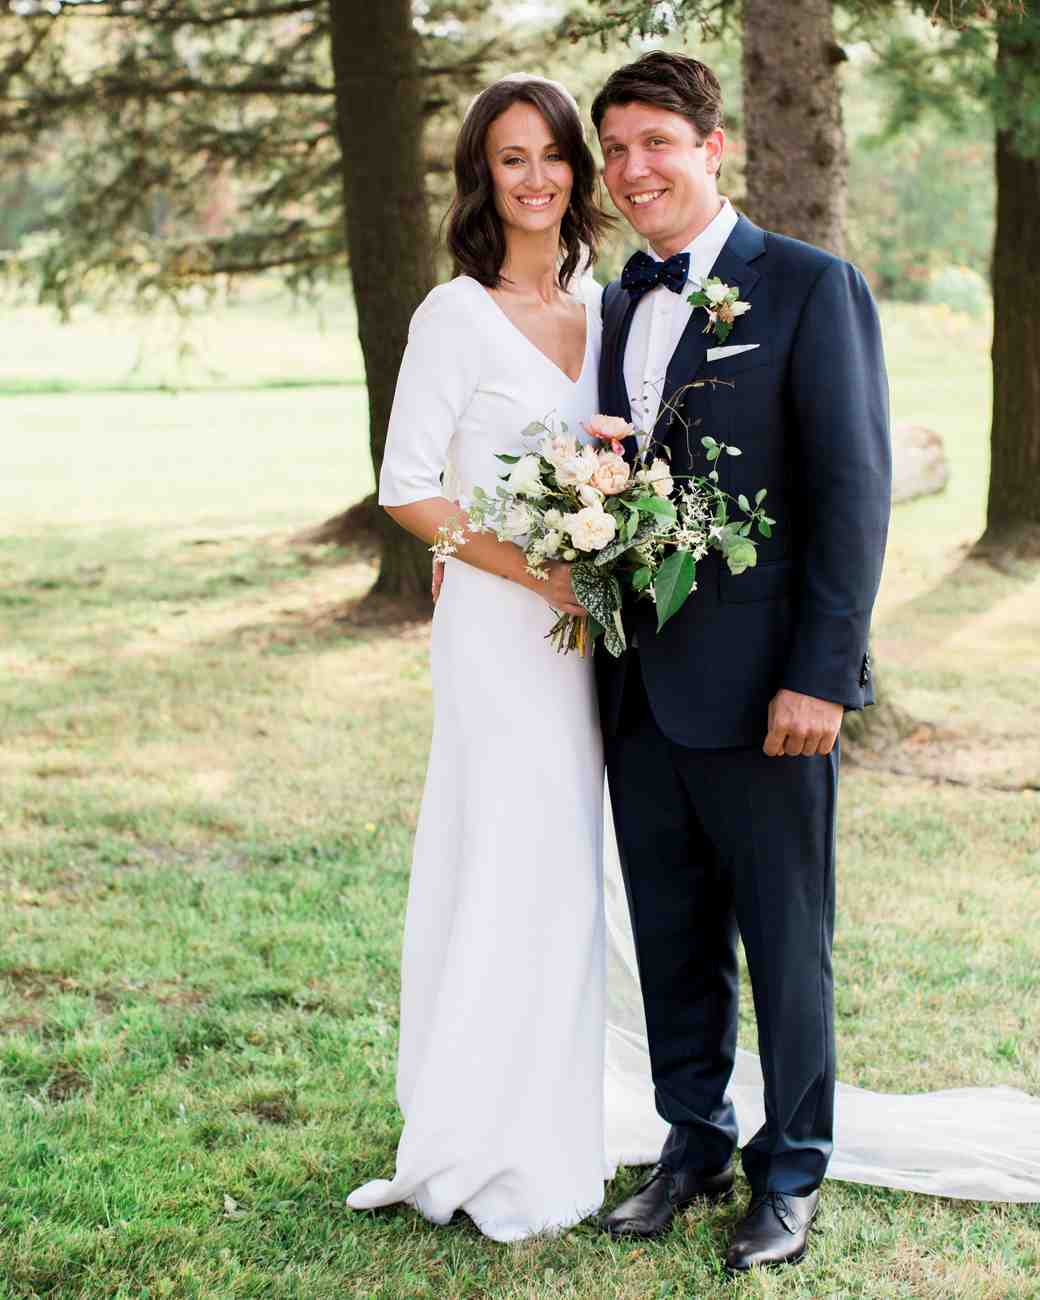 kayla michael wedding couple smile